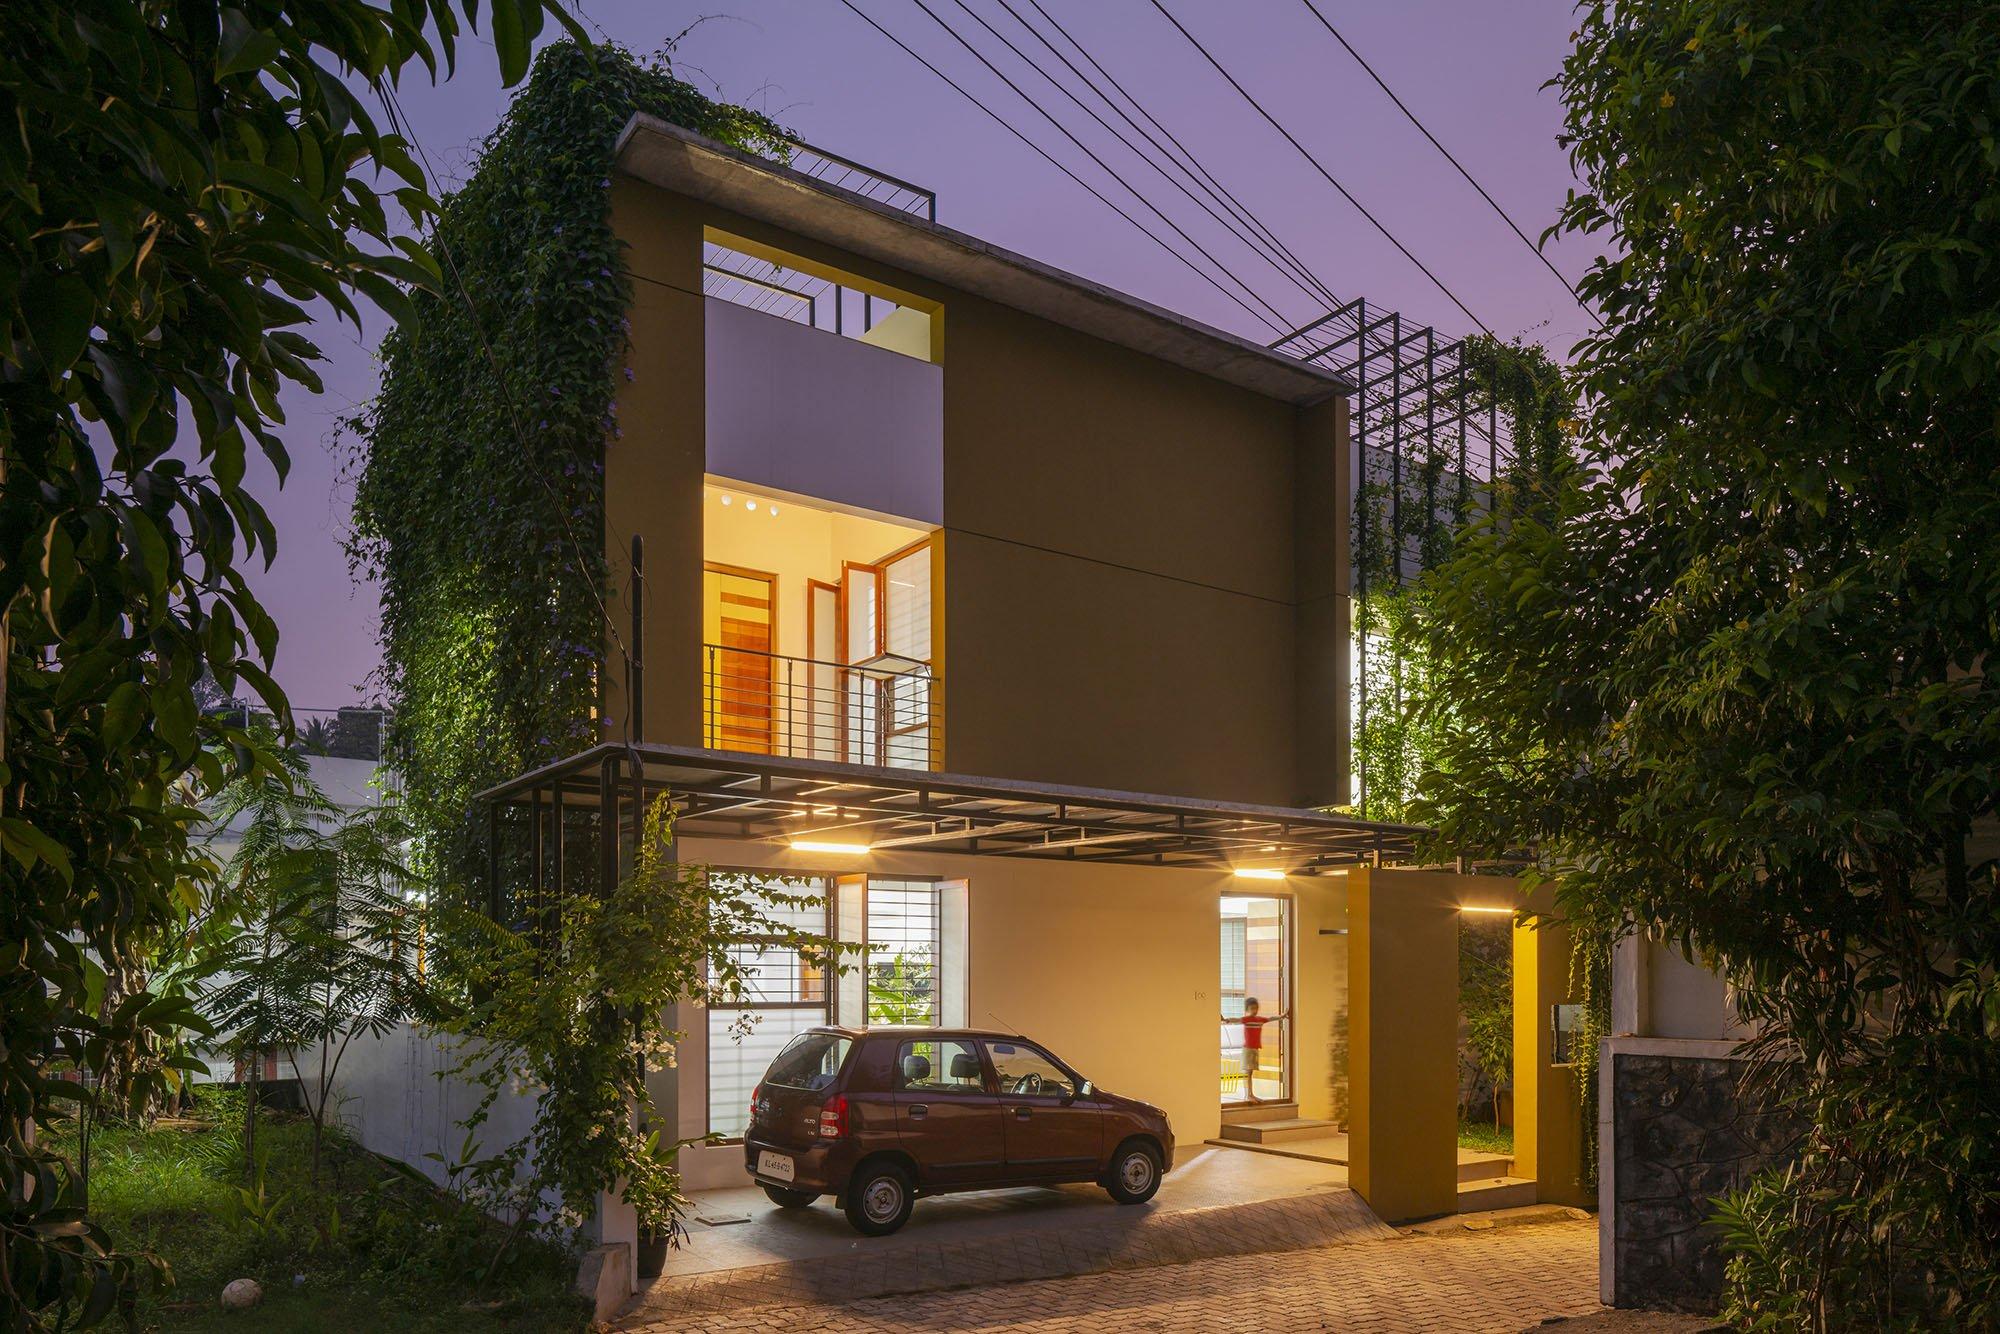 House That Rains Light, abitare nella natura senza eccedere